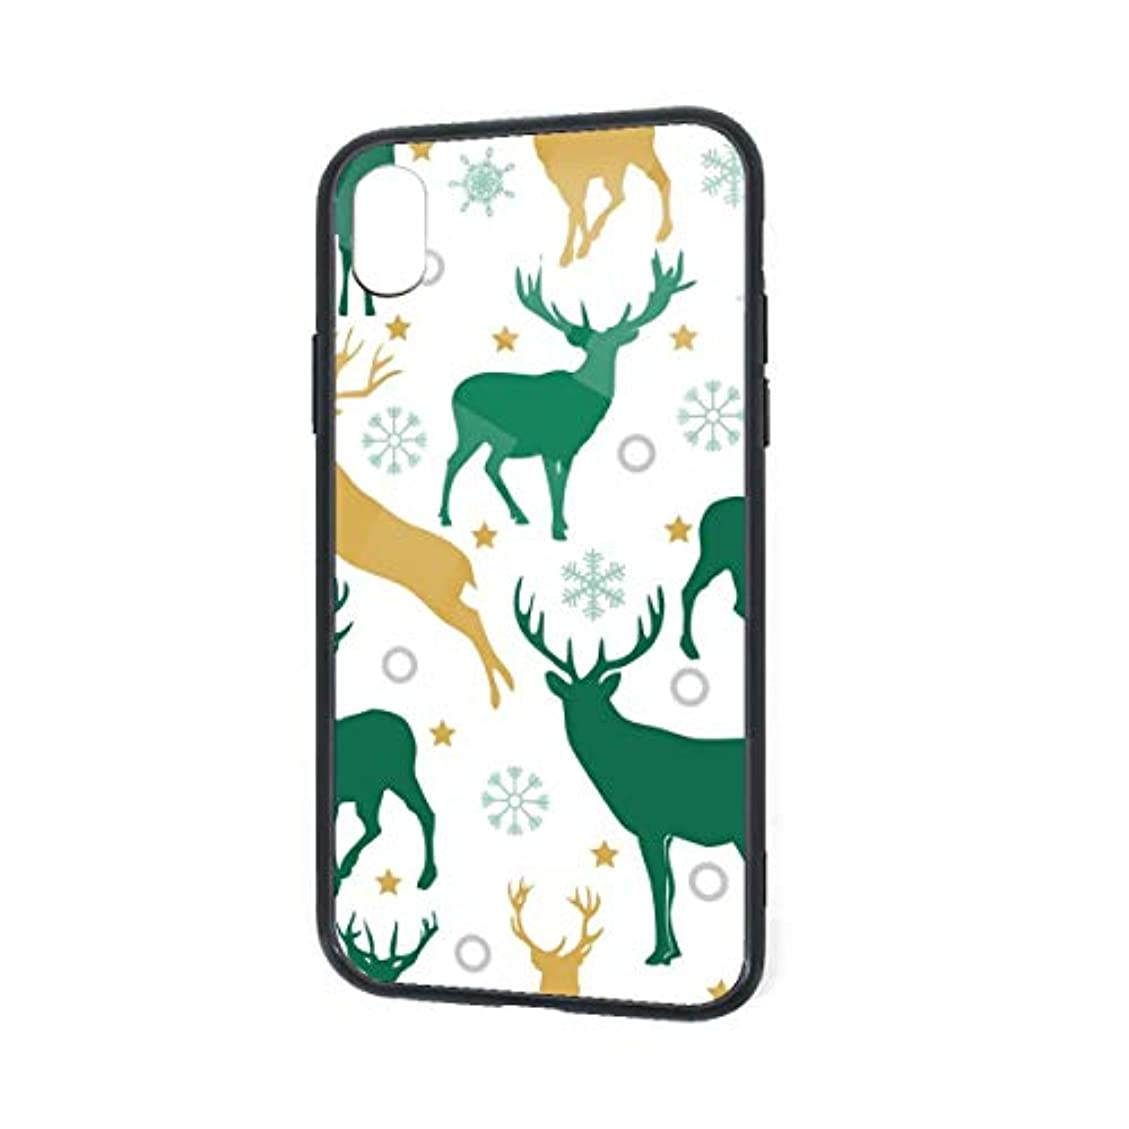 安定比類なき摂氏クリスマスのパターンのトナカイスノーフレーク Iphone Xr ケース おしゃれ 人気 デザイン フィギュア Tpu アイフォンケース 傷防止 ソフト スリム軽量 レンズ保護 耐衝撃 指紋防止 アイフォン ケース カバー 専用 スマホケース (Iphone Xr)